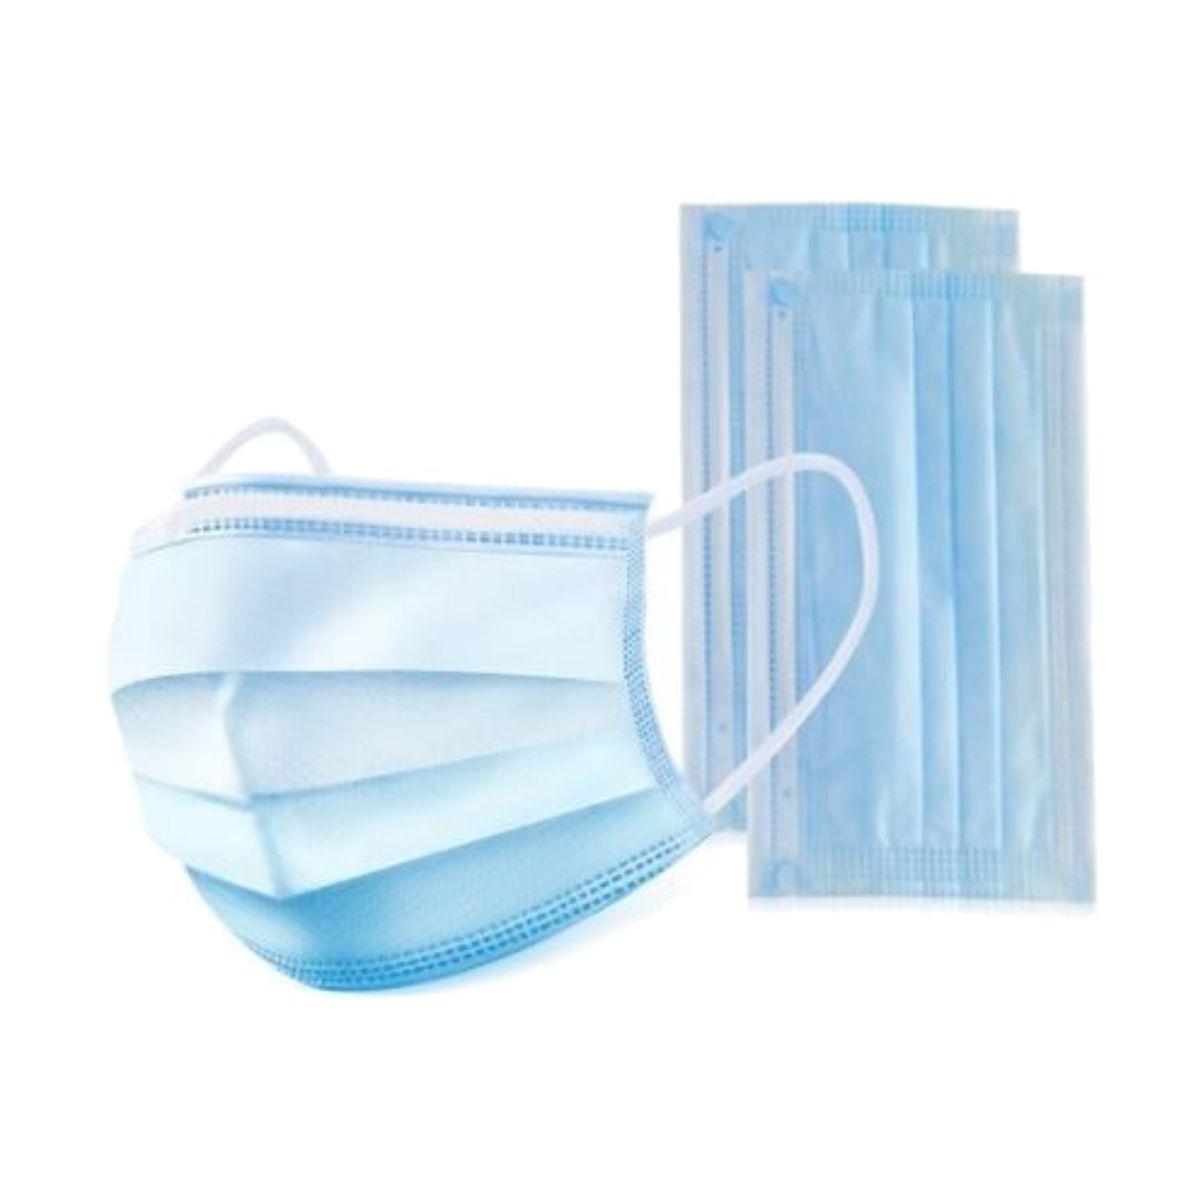 Máscara cirúrgica descartável certificada, para criança, com 3 camadas, azul (pack 50)